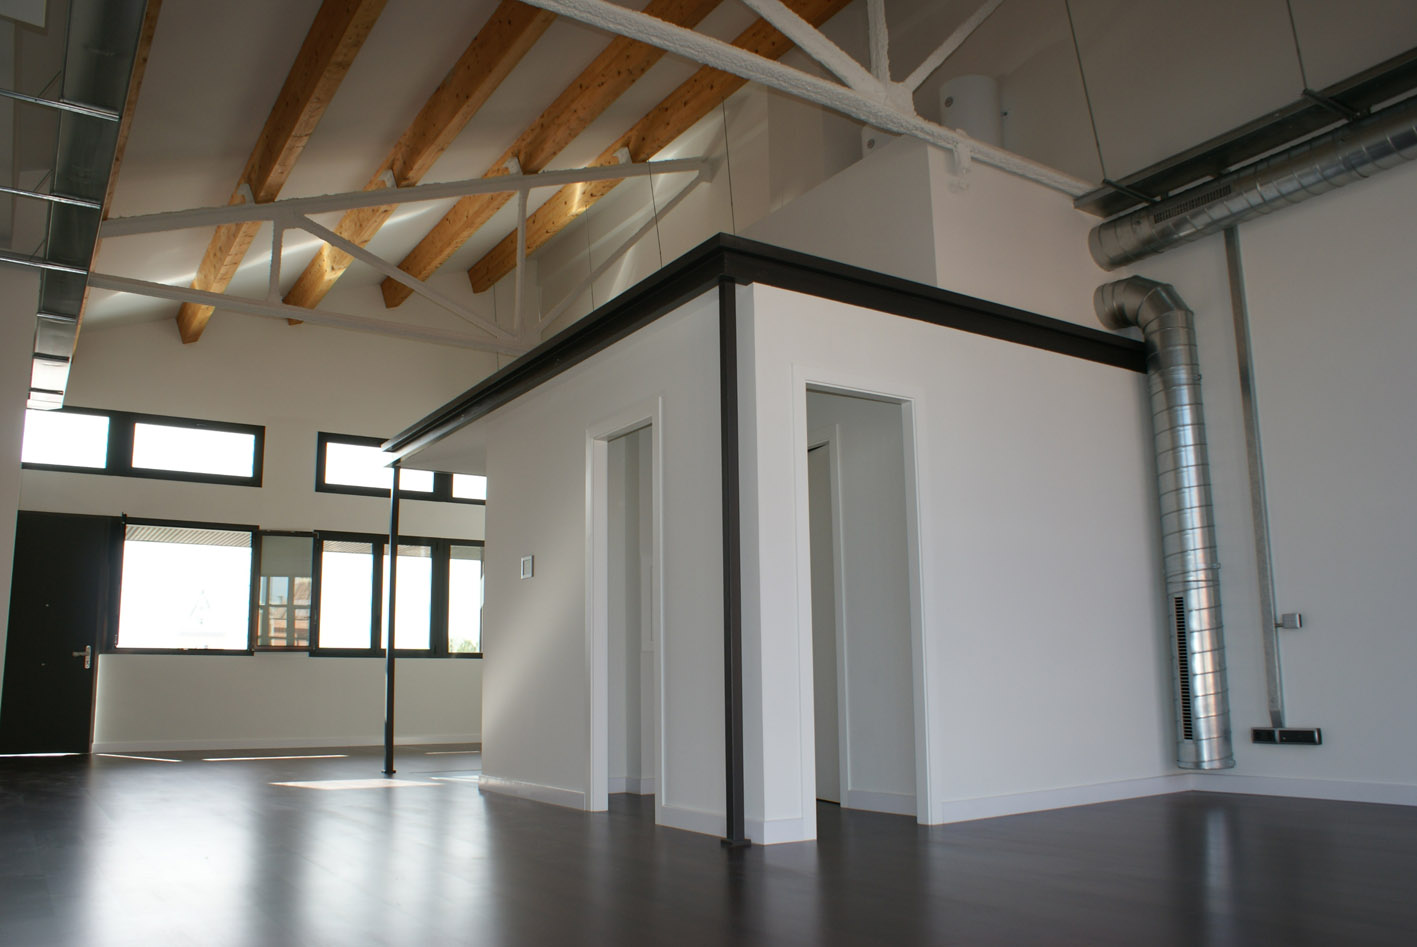 Apartamentos tipo loft en sabadell - Apartamento tipo loft ...